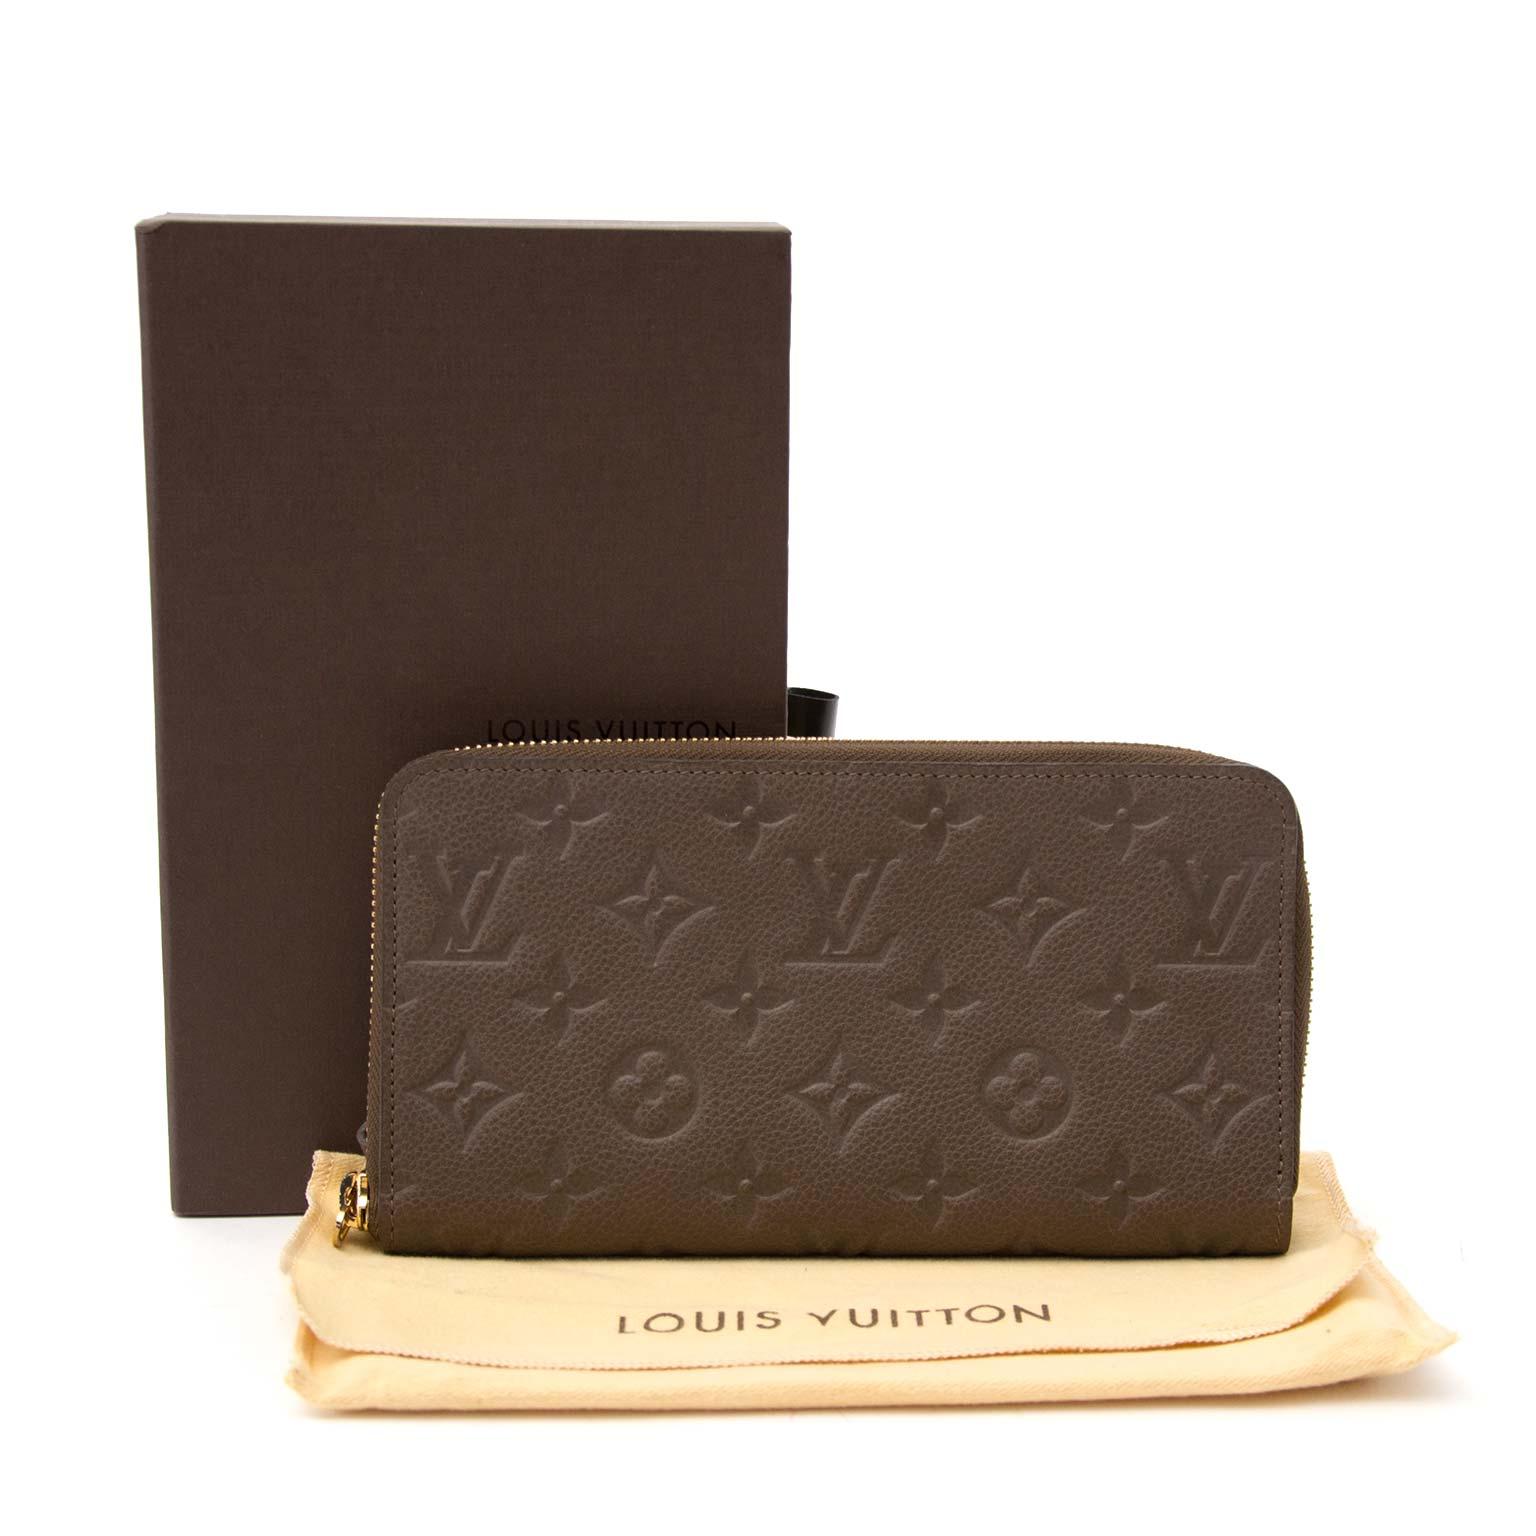 Koop uw authentieke Louis Vuitton Zippy Empreinte Wallet aan de beste prijs